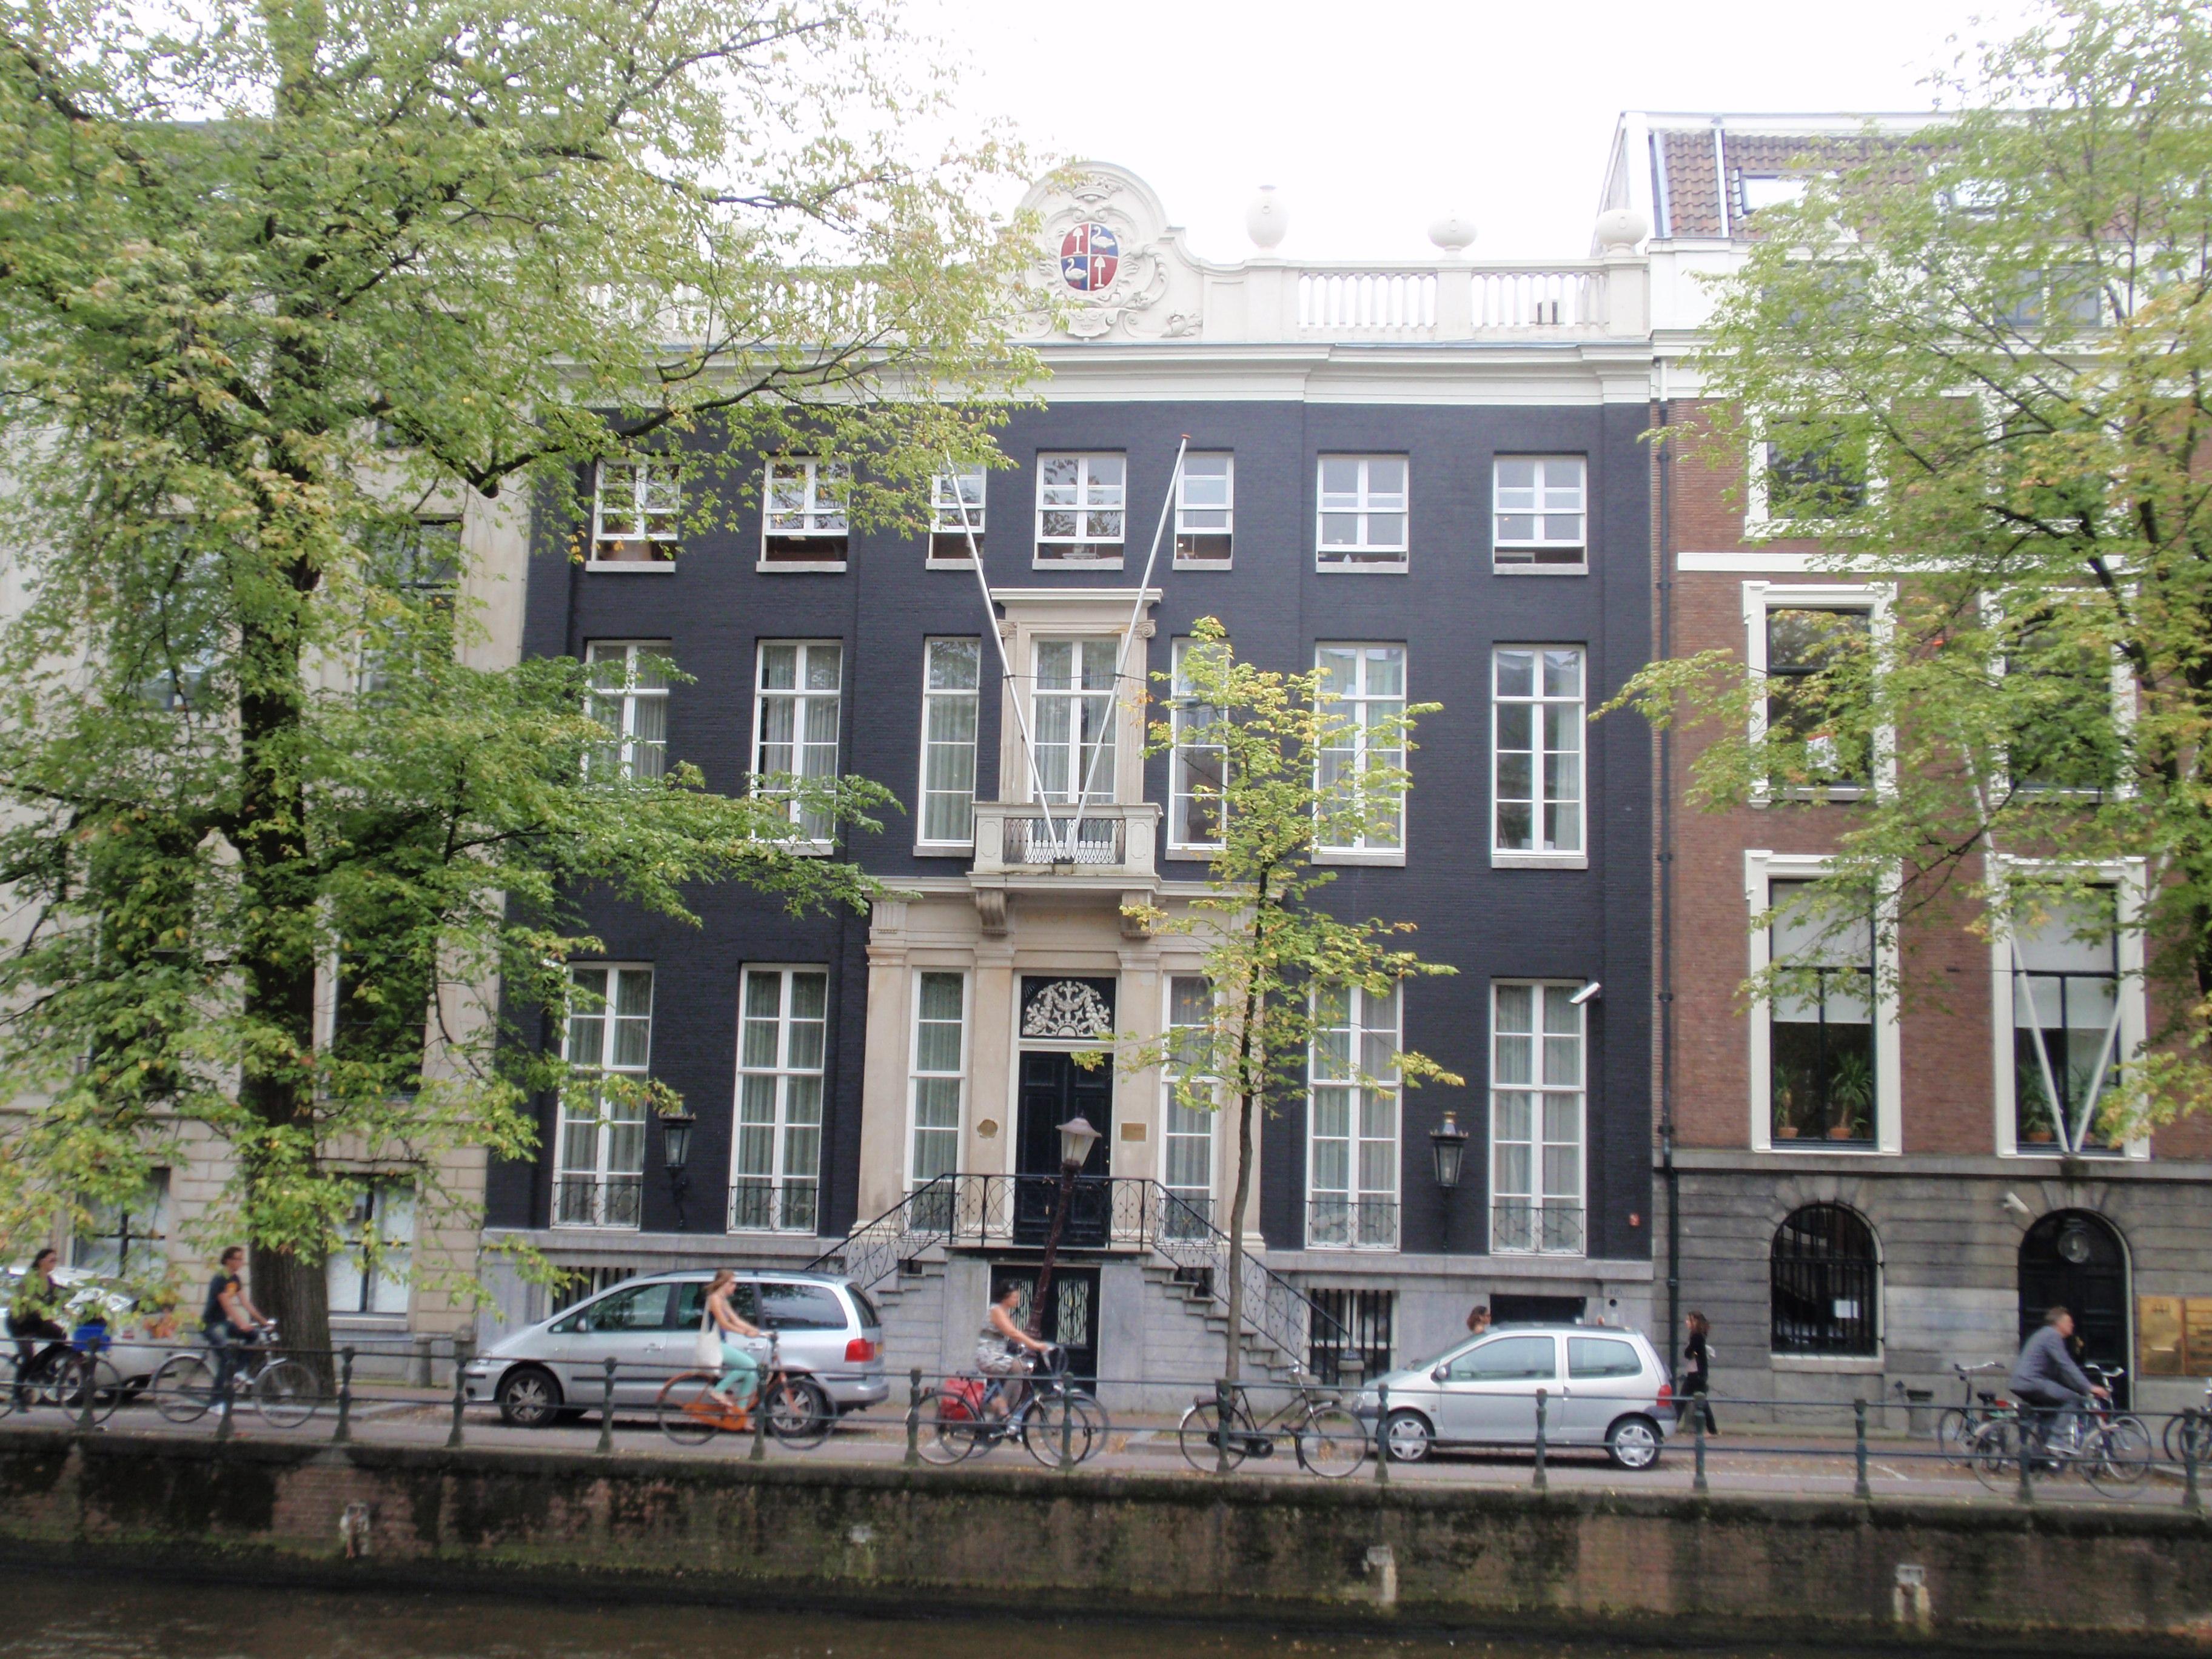 Dubbel huis met gevel onder rechte lijst en attiek met for Lijst inrichting huis